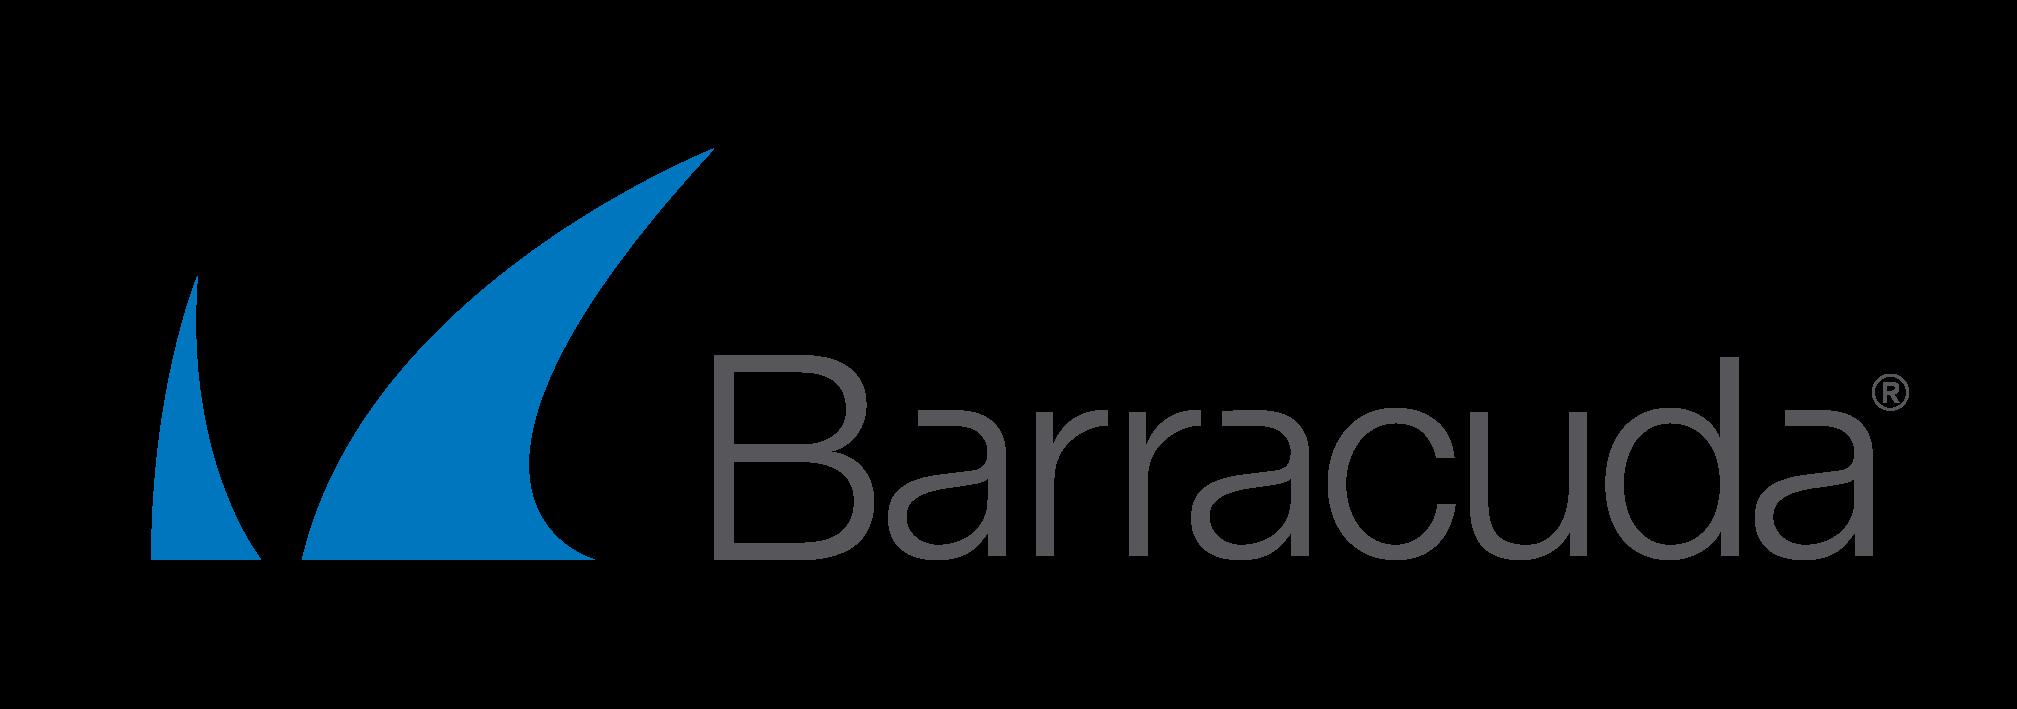 Barracuda Web Application Firewall 660